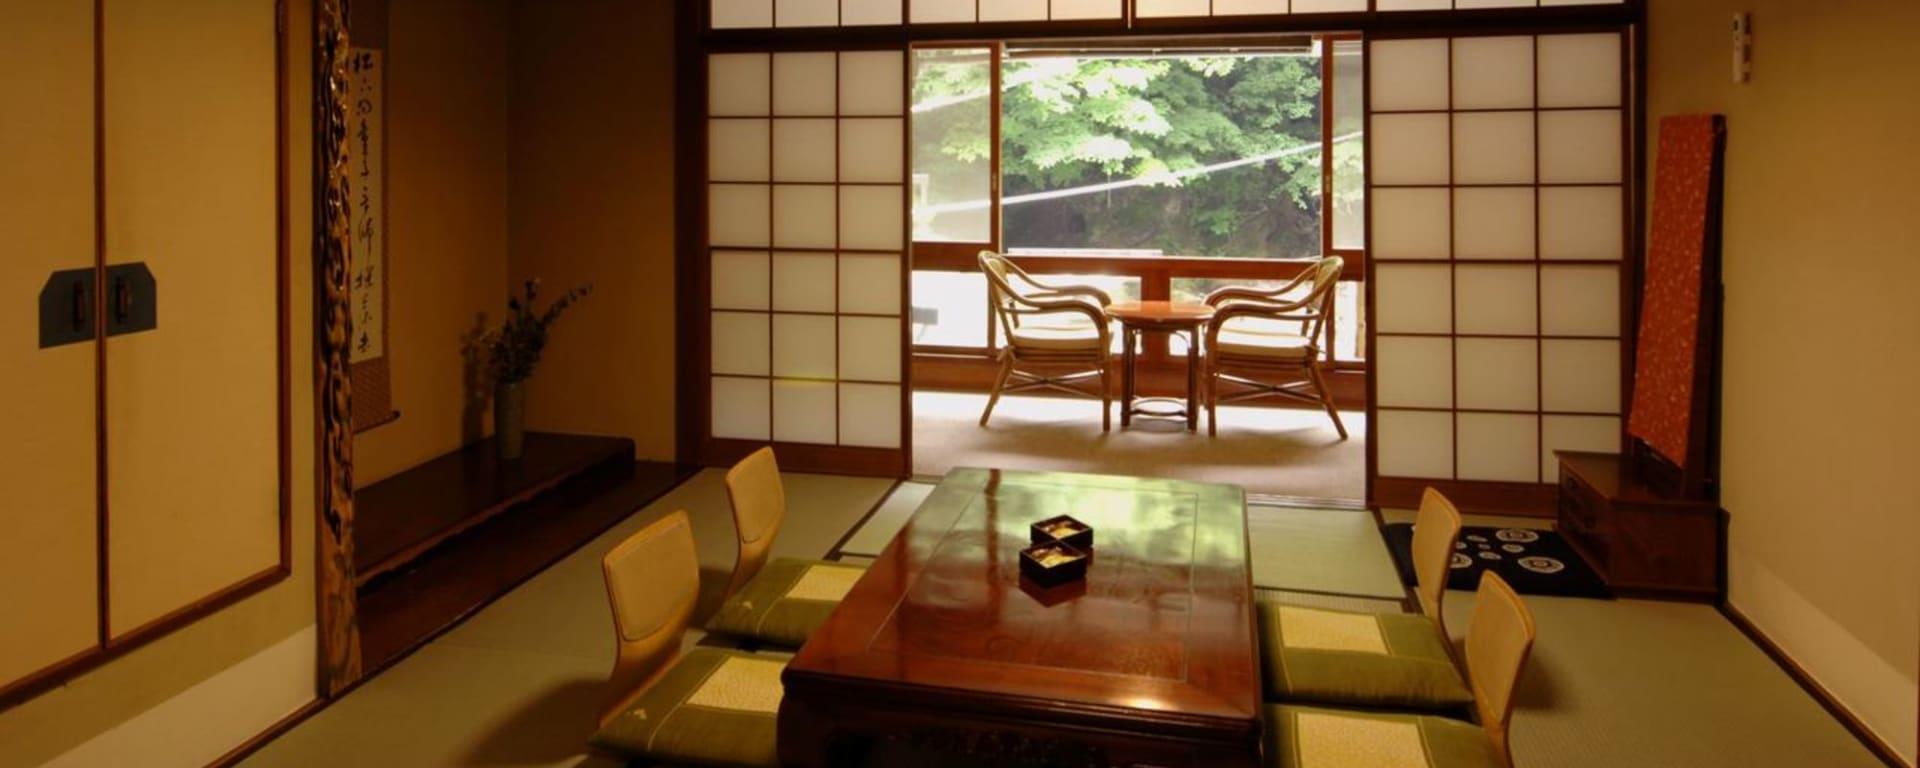 Ichinoyu Honkan Ryokan à Hakone: